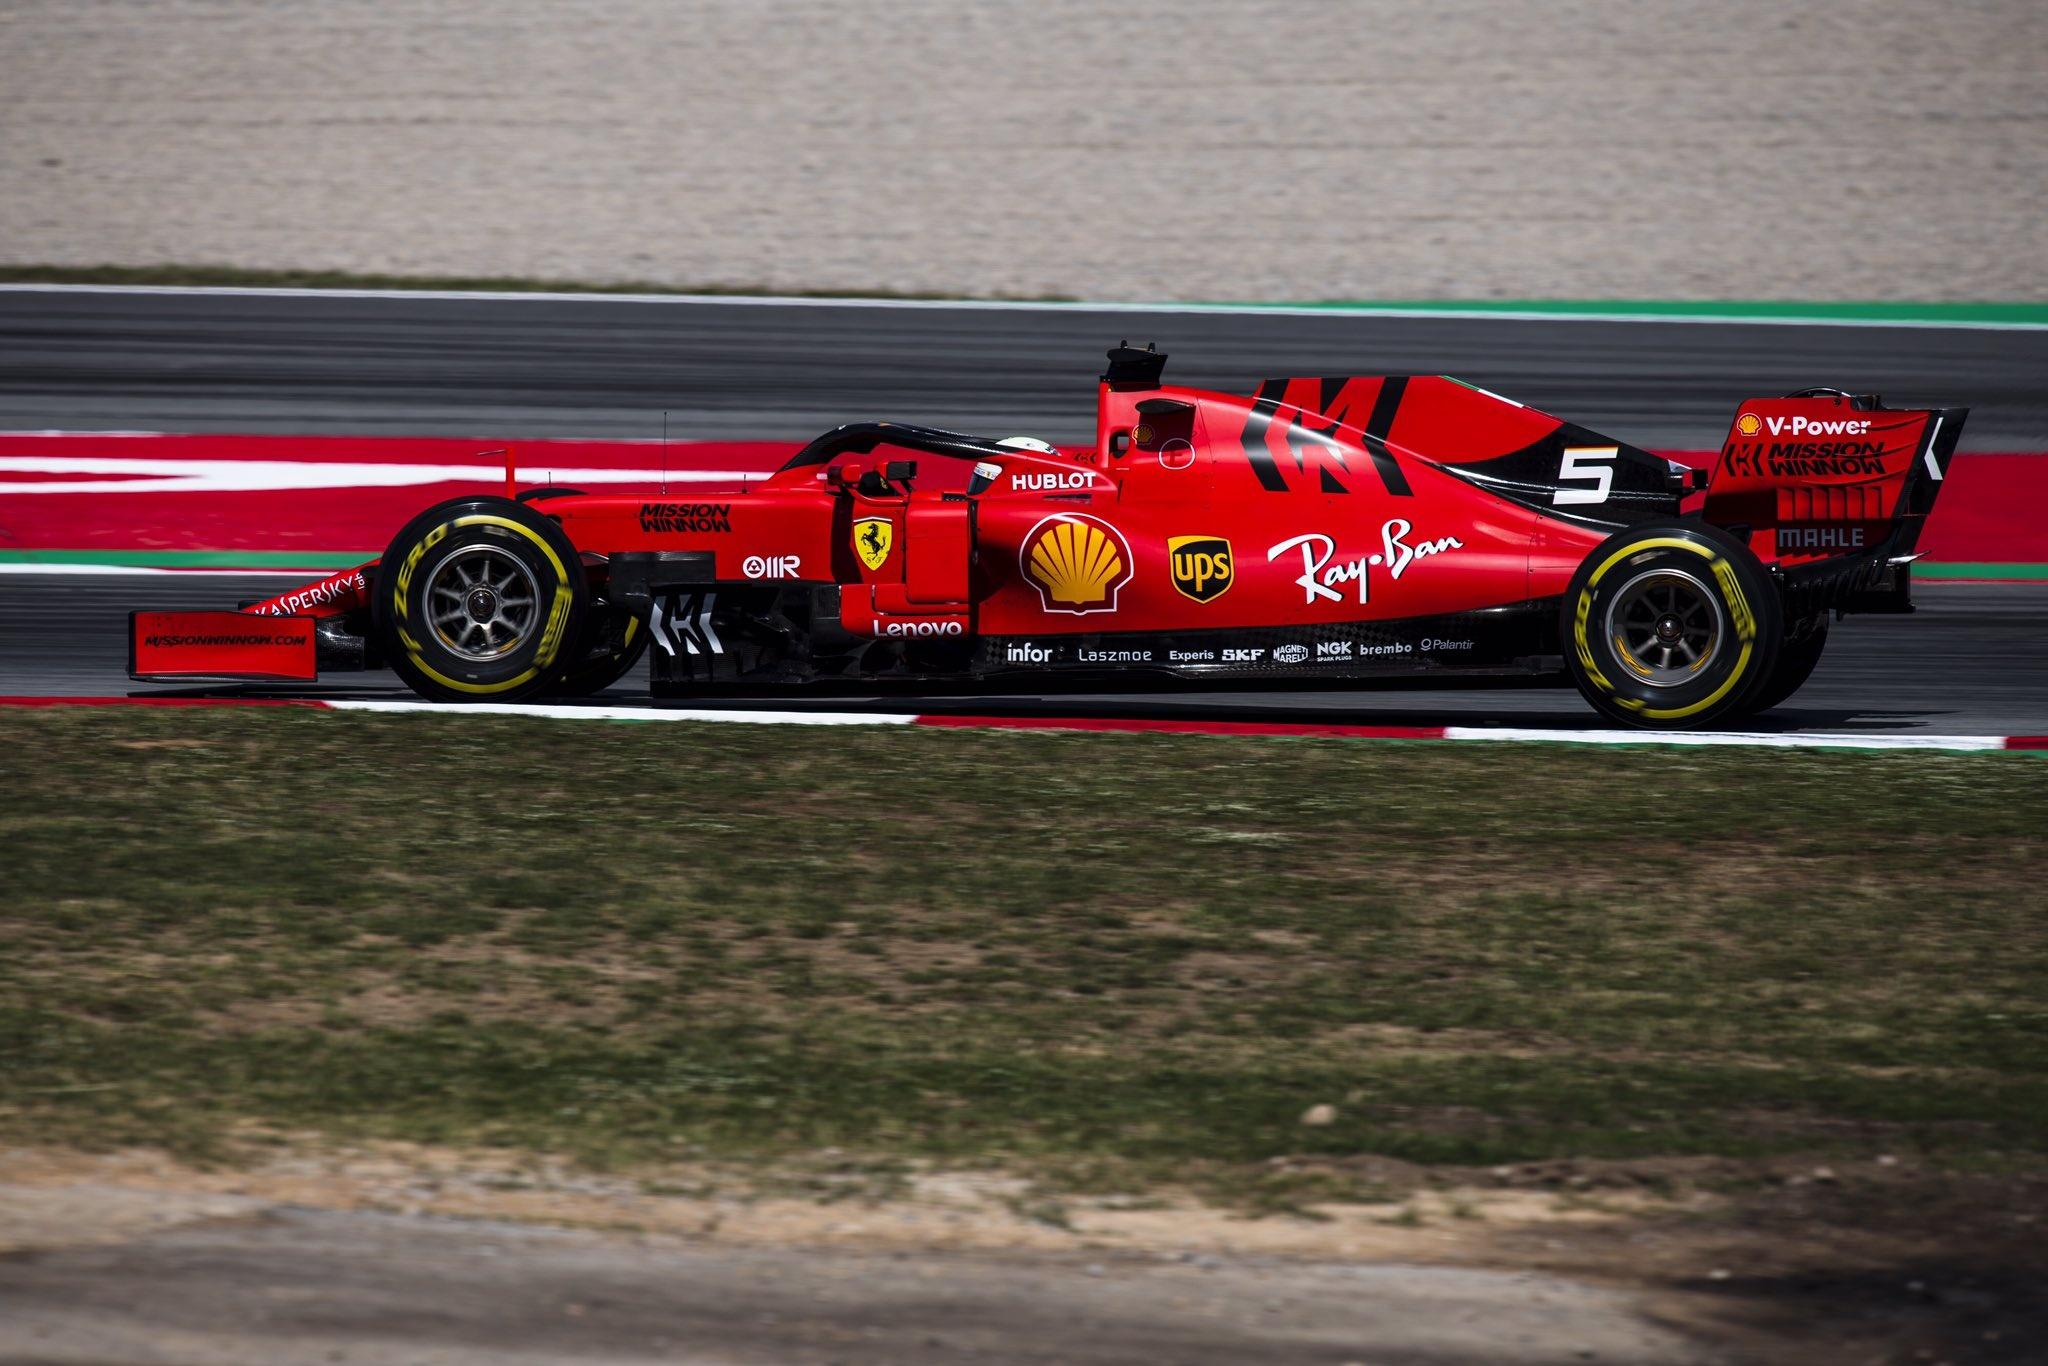 Un Ferrari con evoluciones pero con mismos resultados, por Elian Roberto.